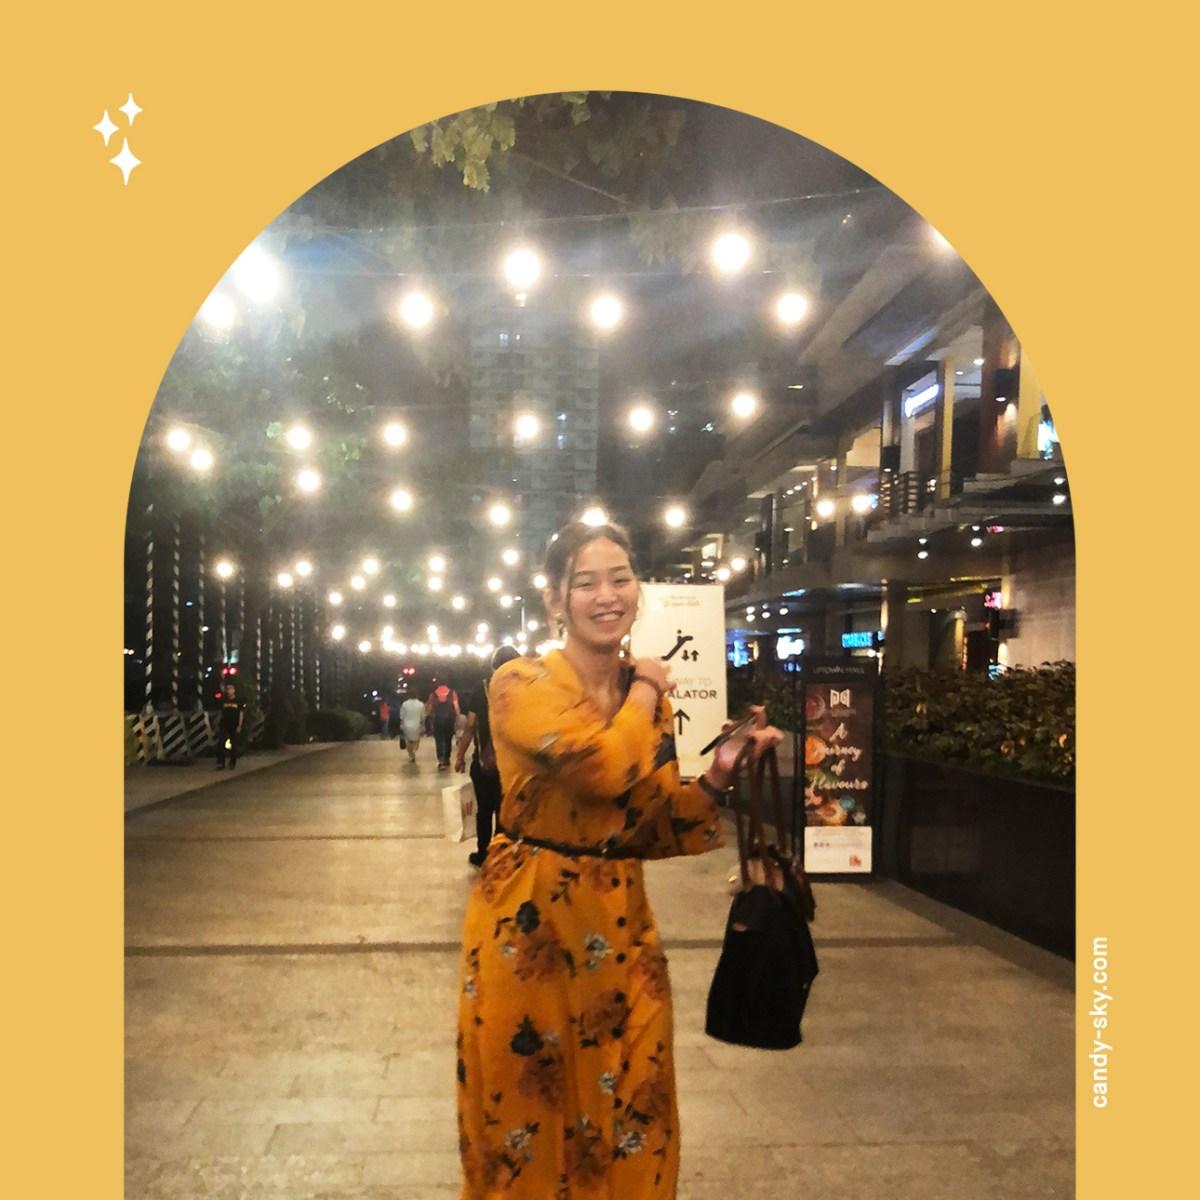 CandySky Of Memories: 2019 February - Jadie at Uptown 2